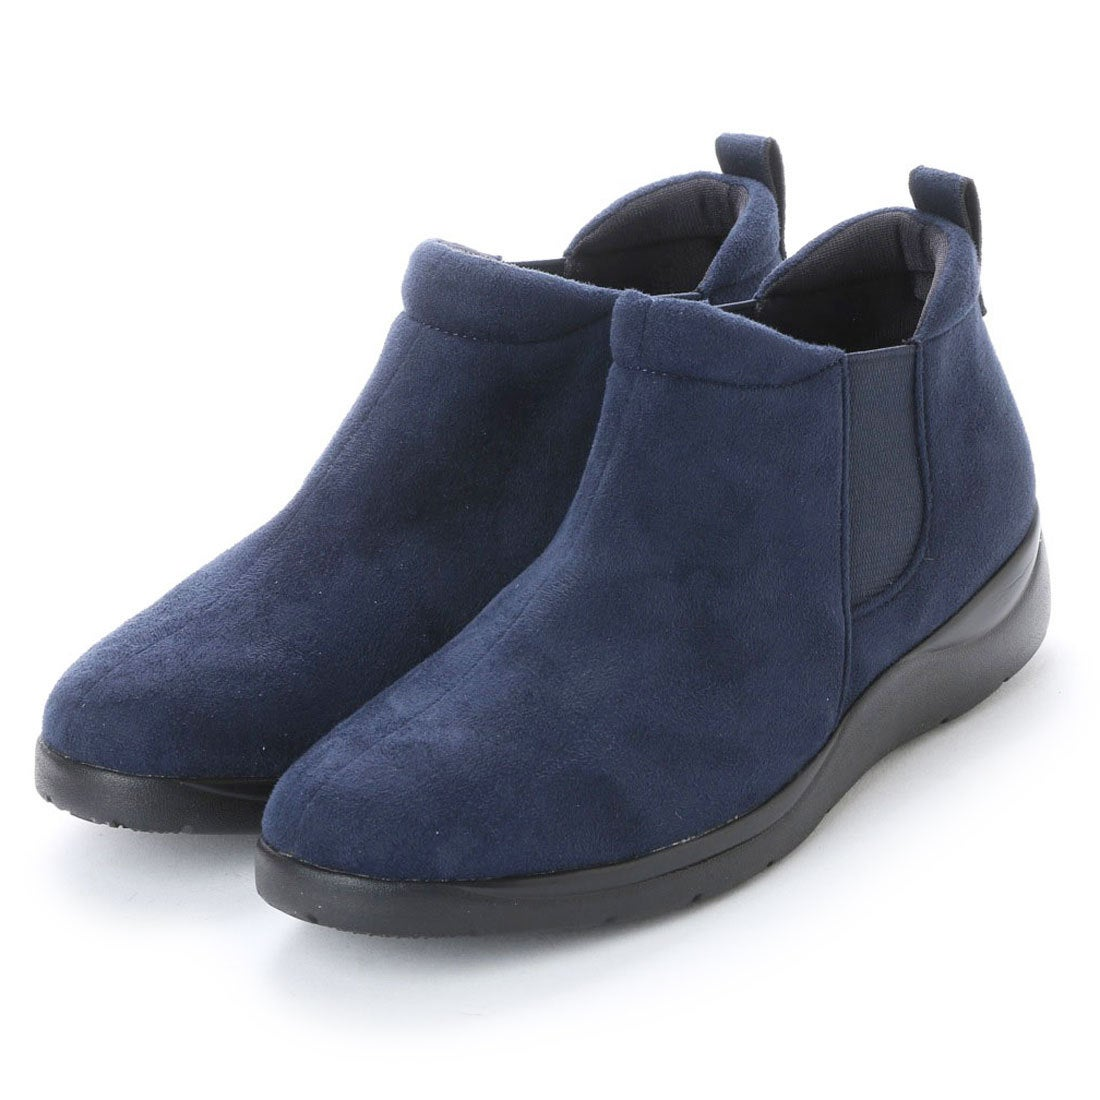 【SALE 10%OFF】パンジー Pansy レディース 短靴 PS1461 5307 レディース